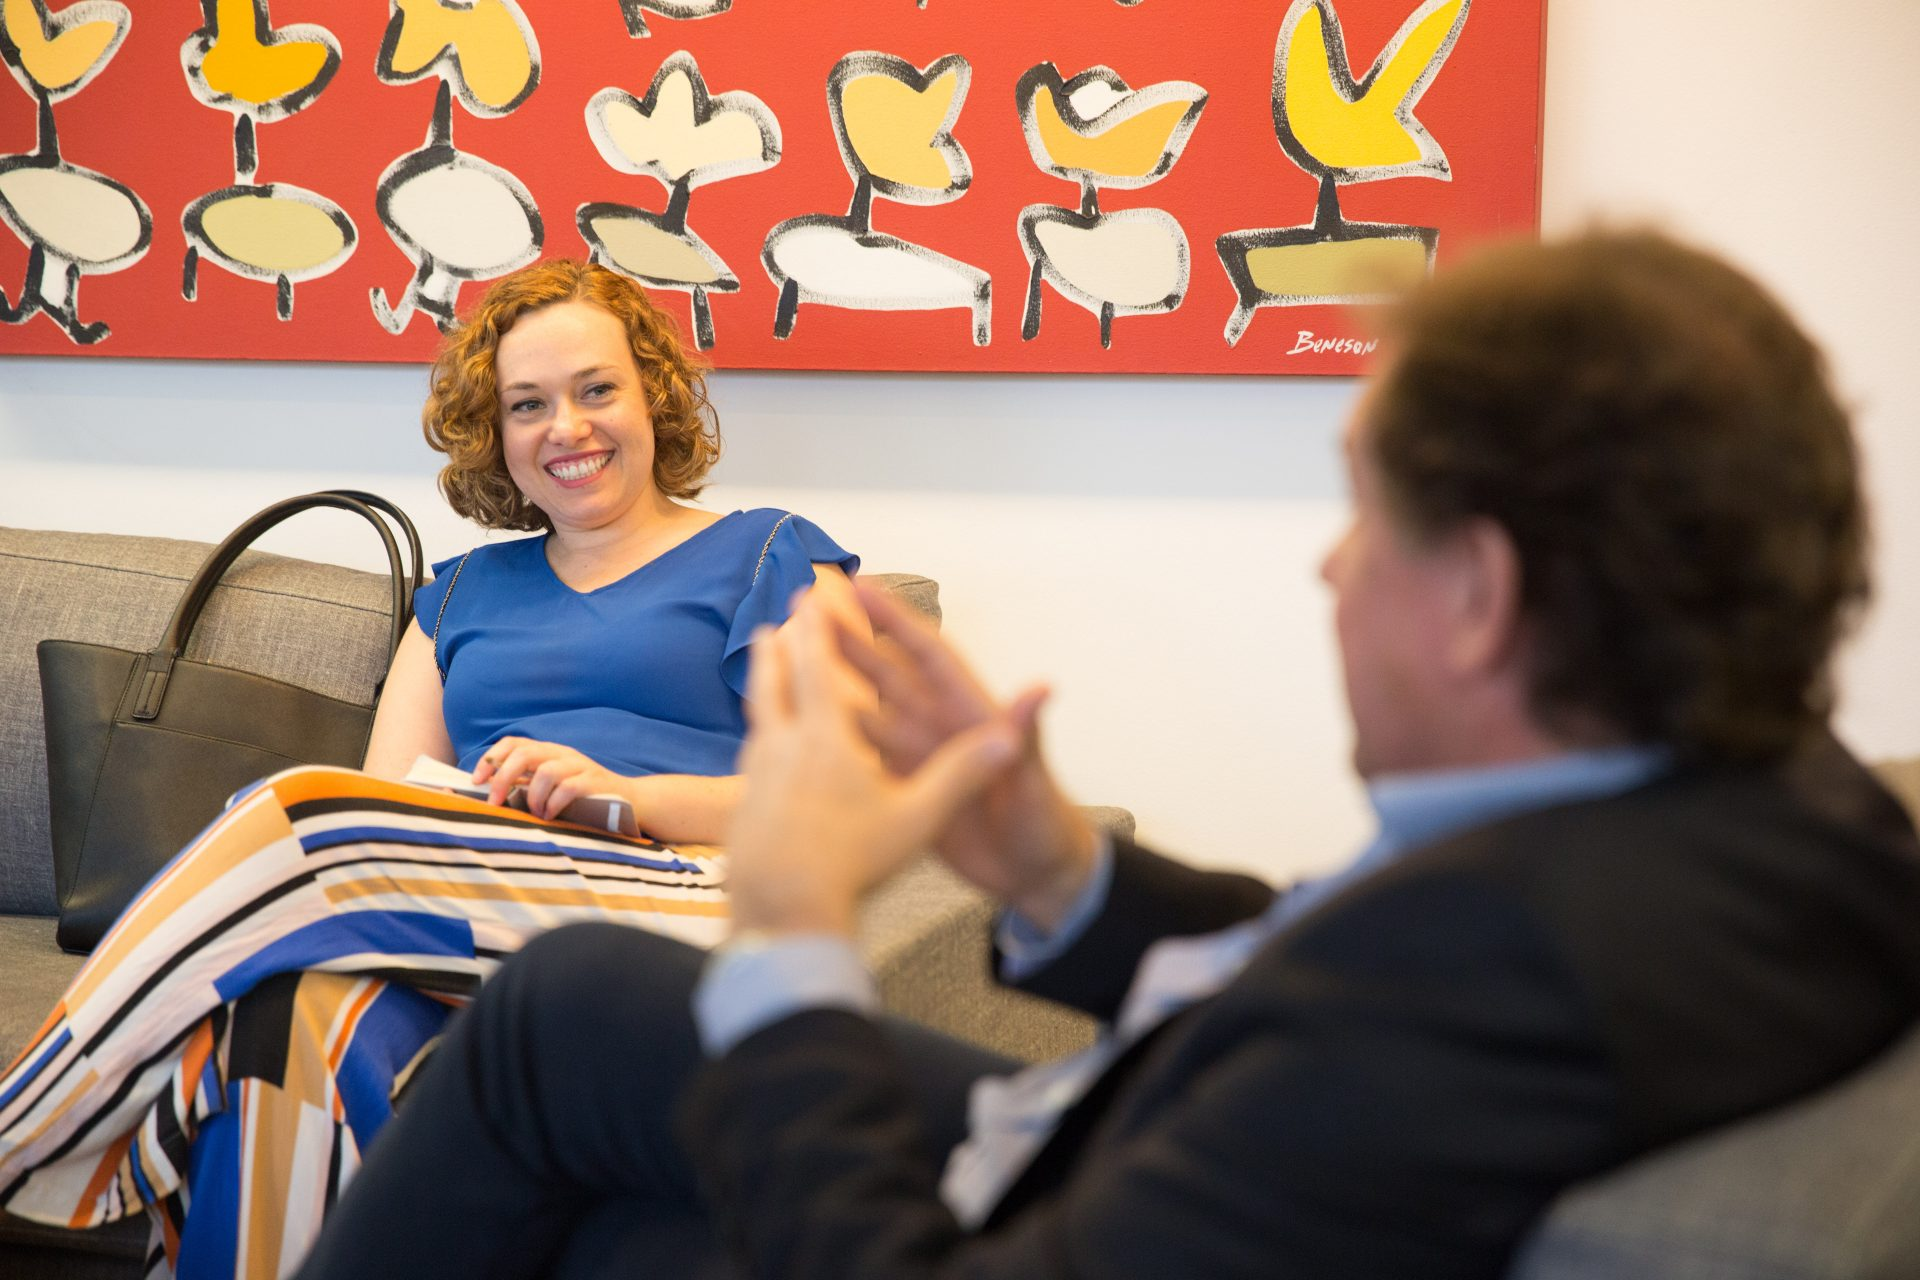 Retrato de João Appolinário, fundador da Polishop, durante entrevista à jornalista Marina Gazzoni em seu escritório na zona sul de São Paulo.